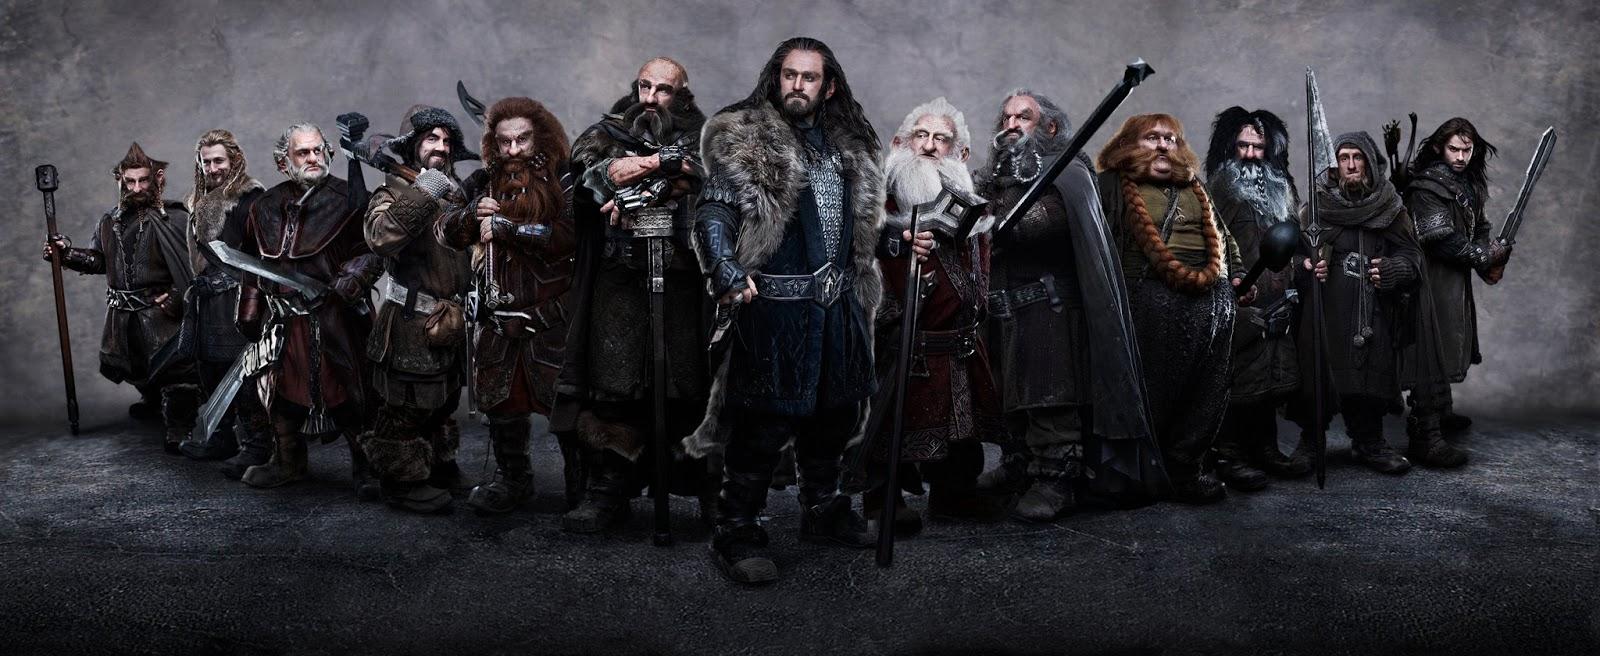 30183bf6532ed4 Dertien moedige dwergen nemen de Hobbit Bilbo Baggins op sleeptouw.